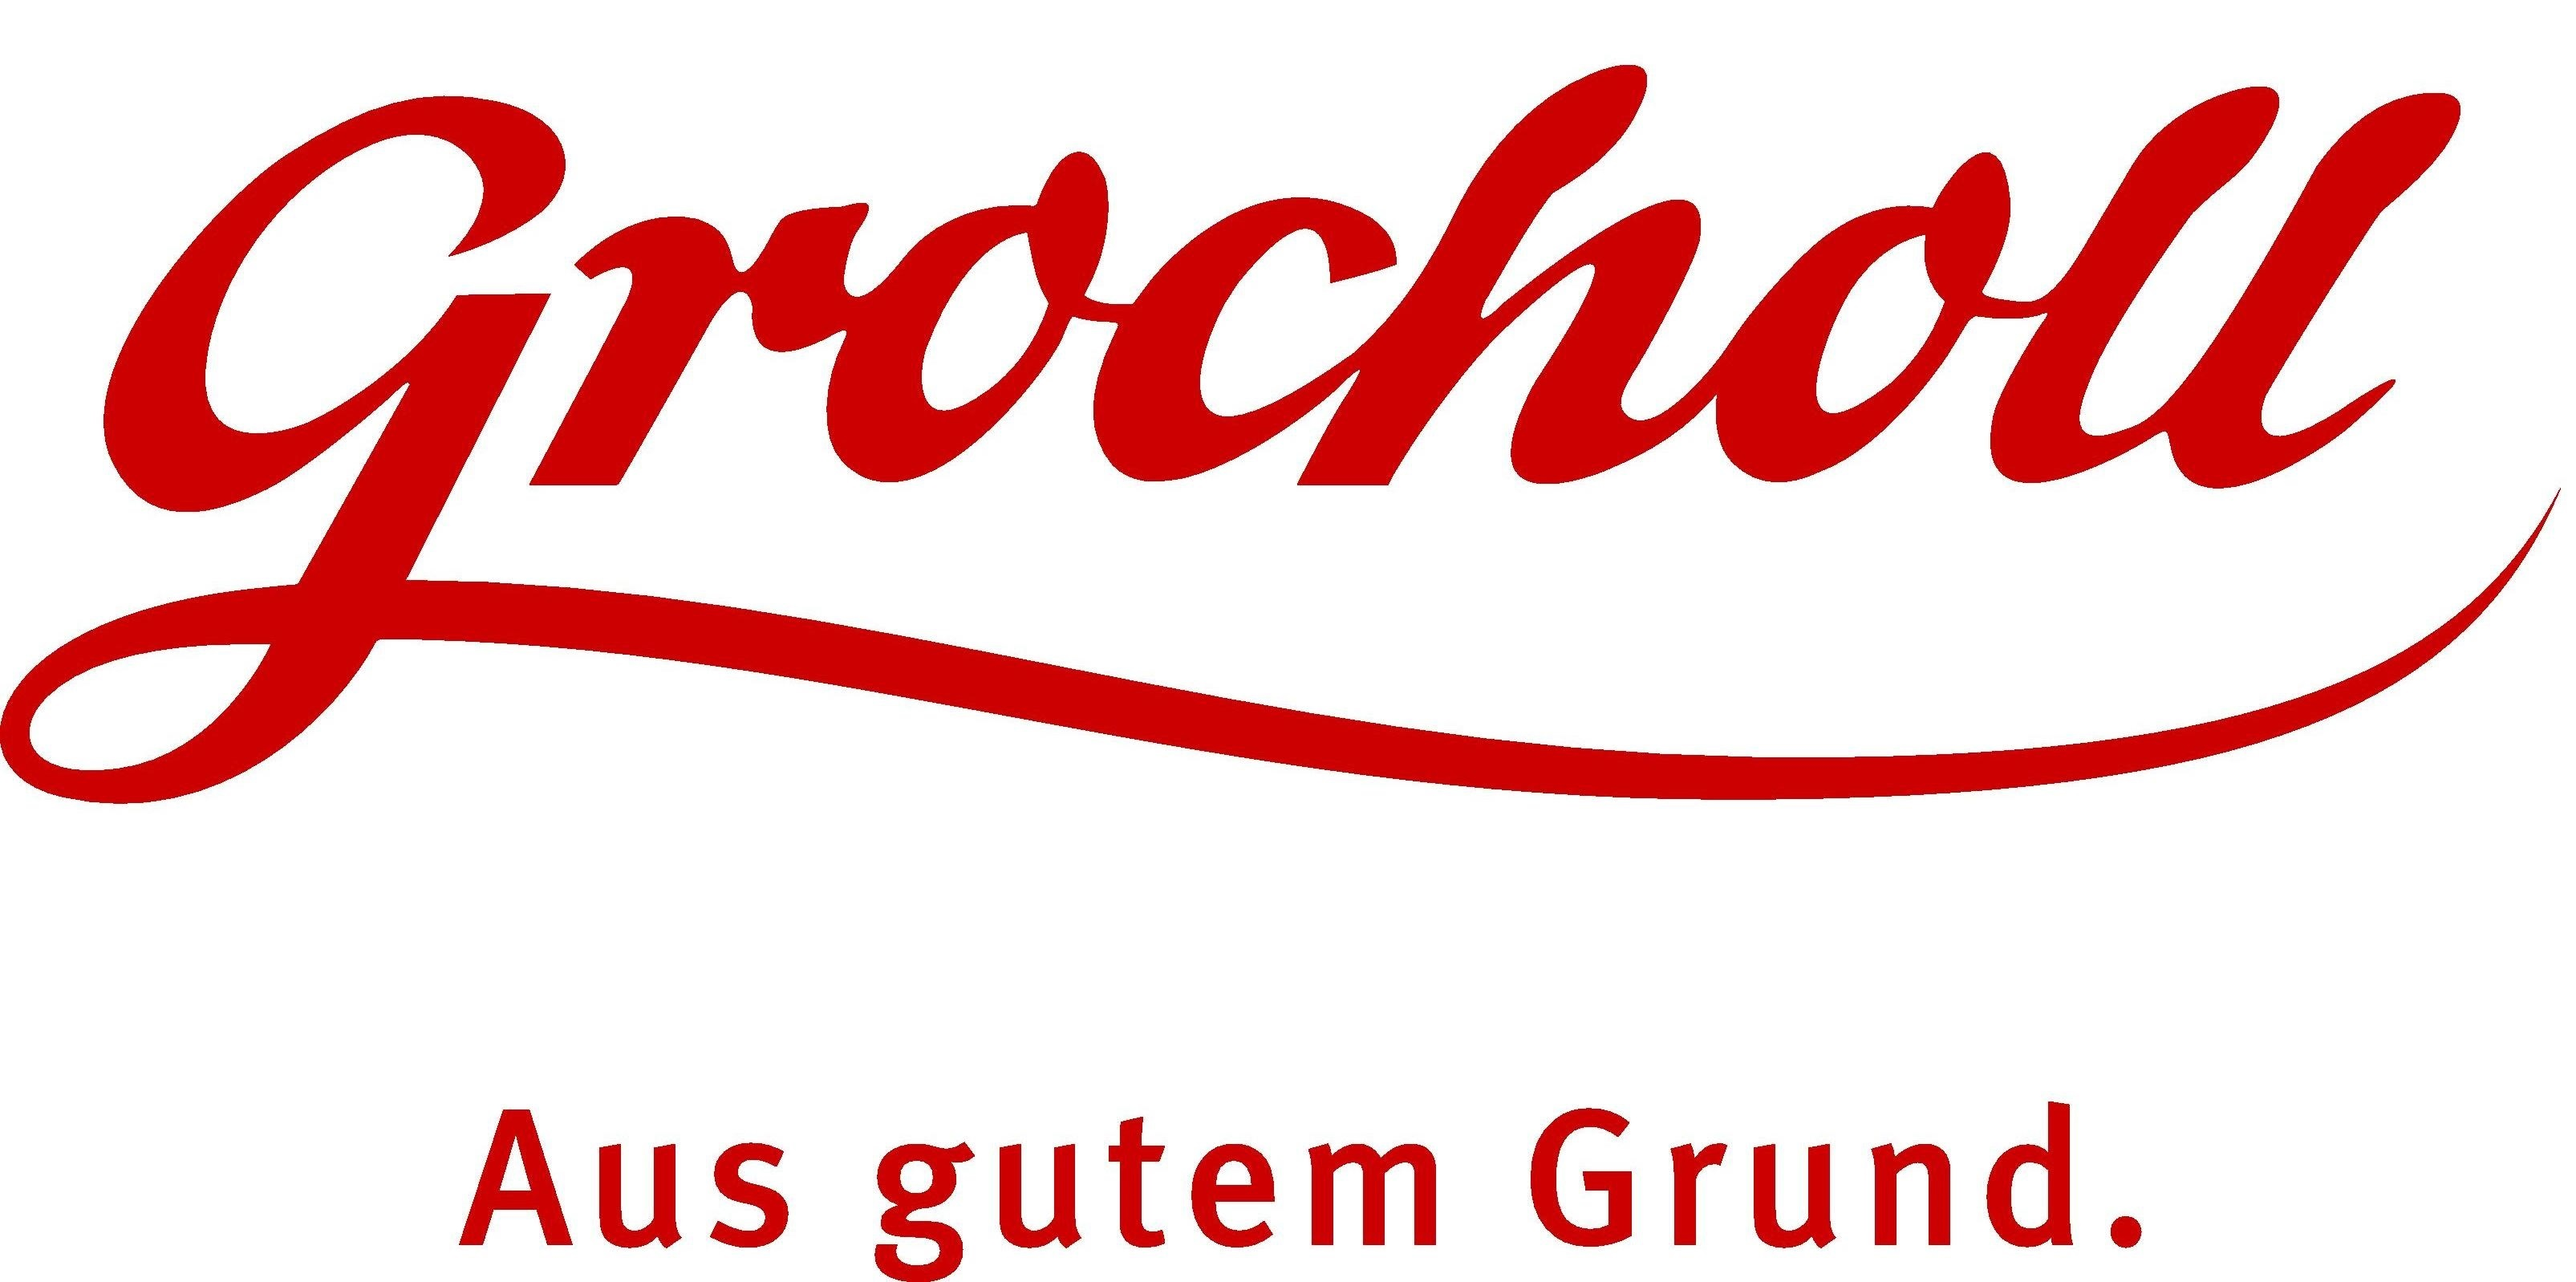 Grocholl